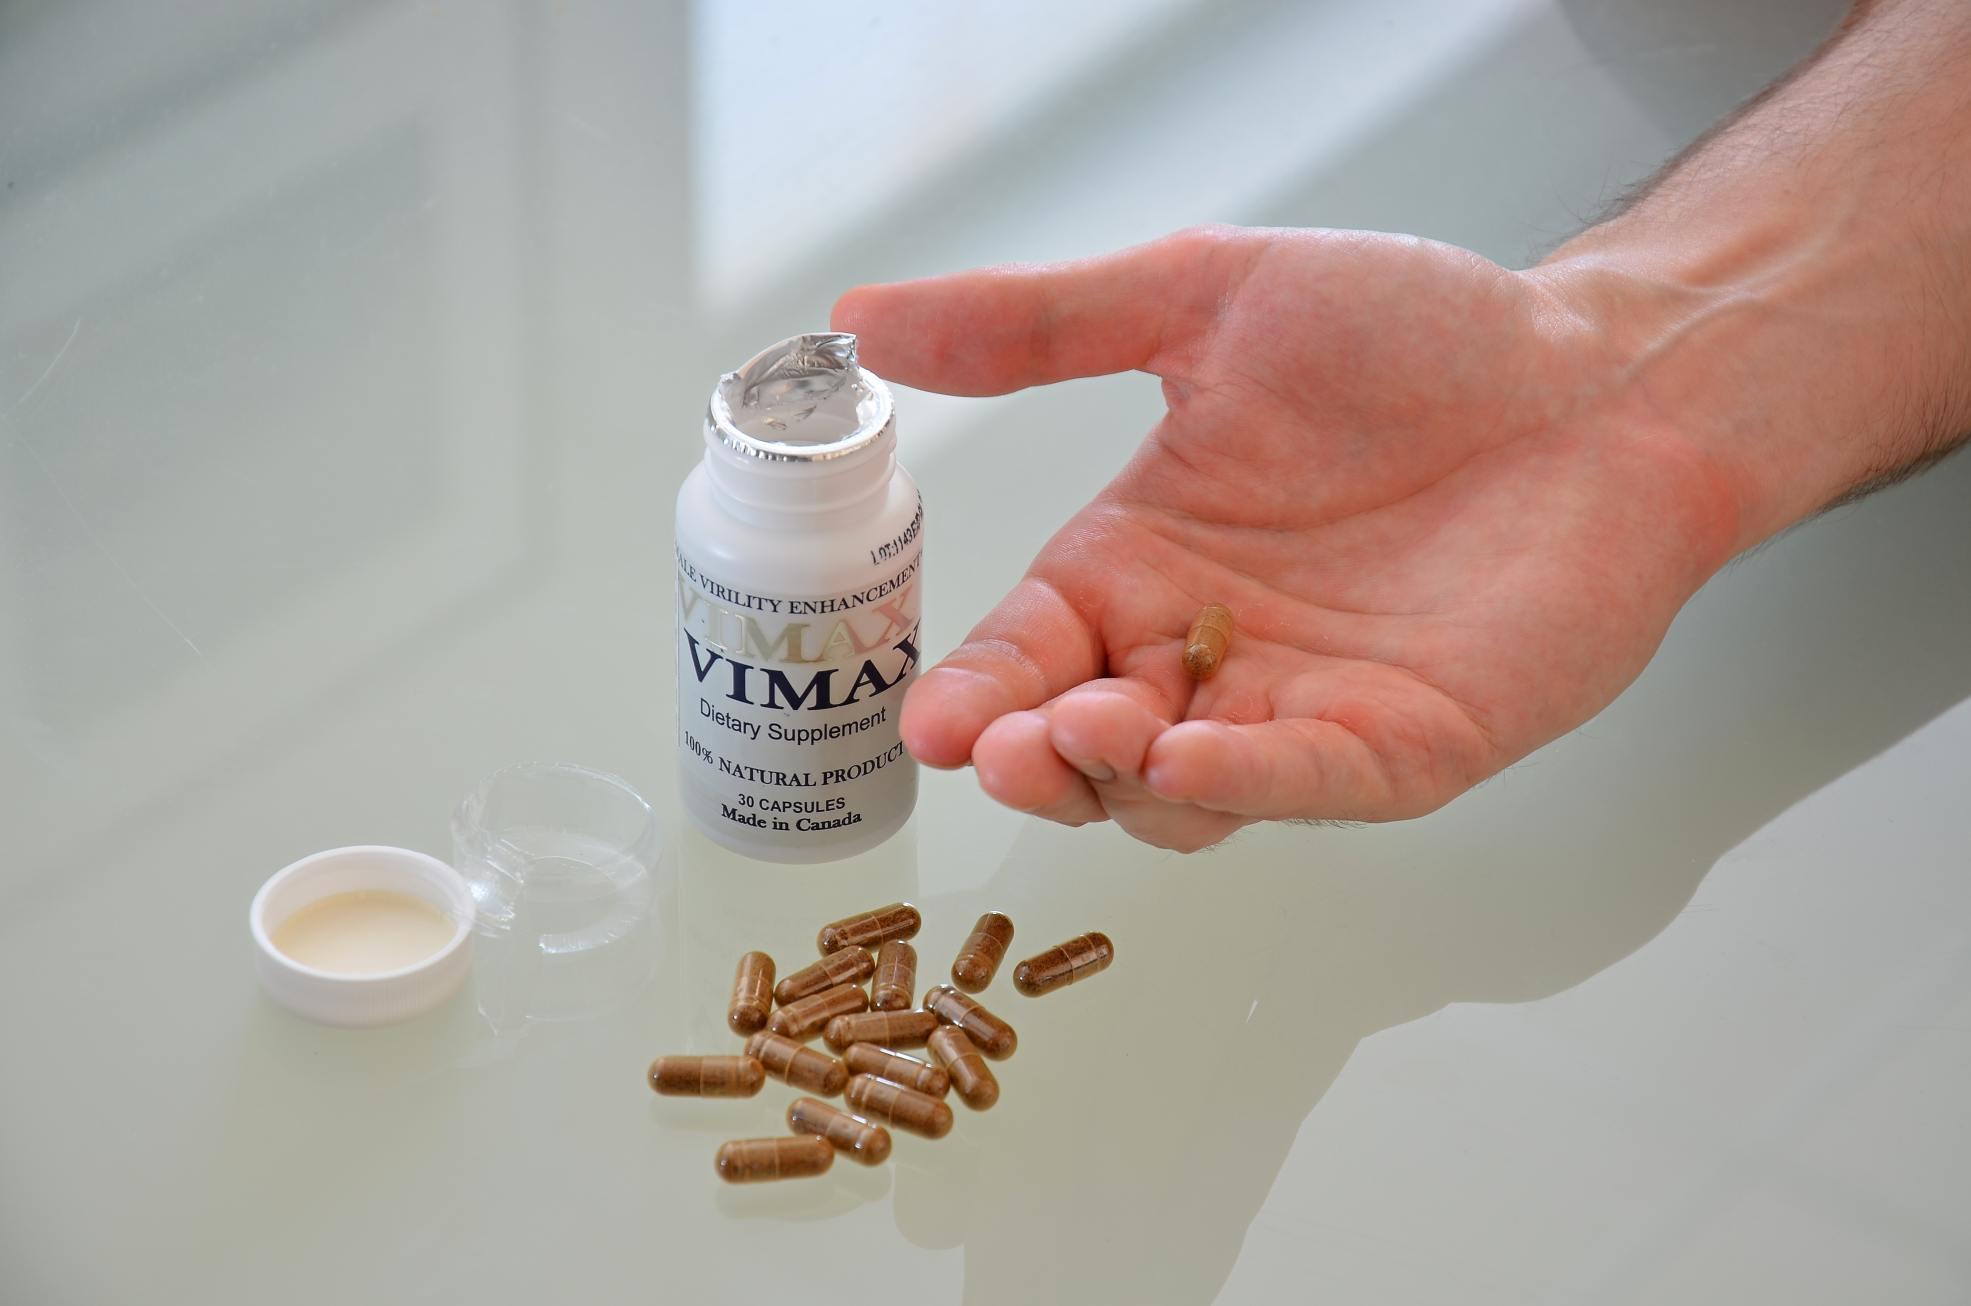 vimax složení prodej a recenze na tablety pro muže